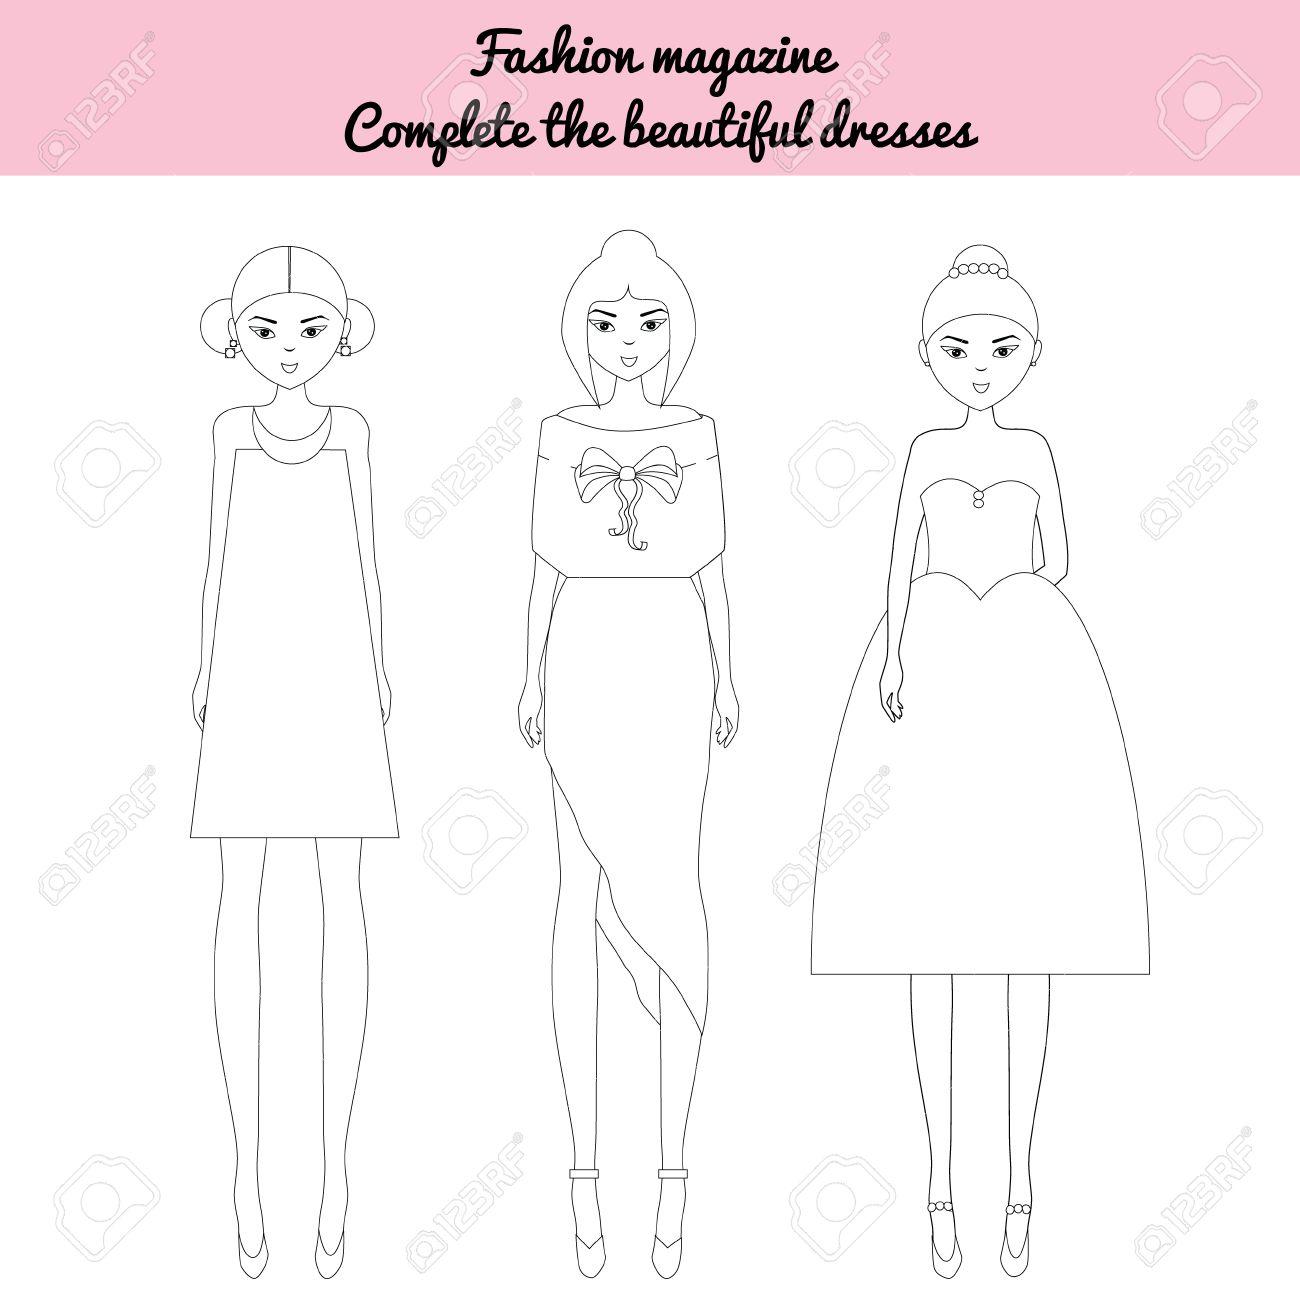 Dibujo Para Colorear Para Los Niños Ser Un Juego Editora De Moda Colorear El Modelos De Moda Hoja De Revista De Moda Muñecas De Fantasía En El